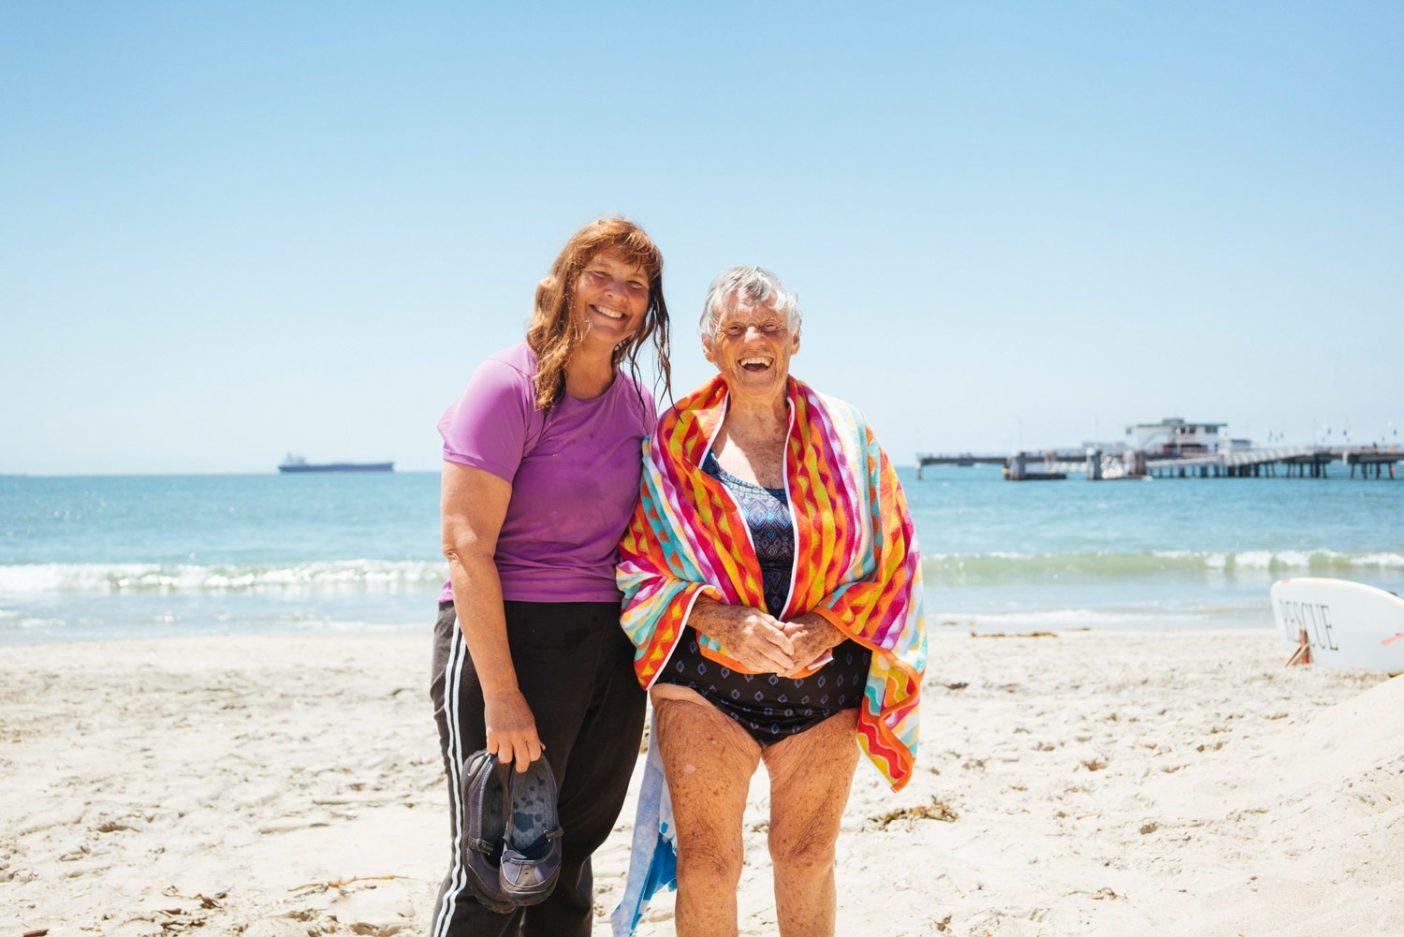 ロングビーチで泳いだあとの『フィッシュピープル』の登場人物リン・コックスと彼女の先輩のメアリー・ソイト。93歳のメアリーは健康な老いについての僕の見解を劇的に変えた。Photo: Donnie Hedden